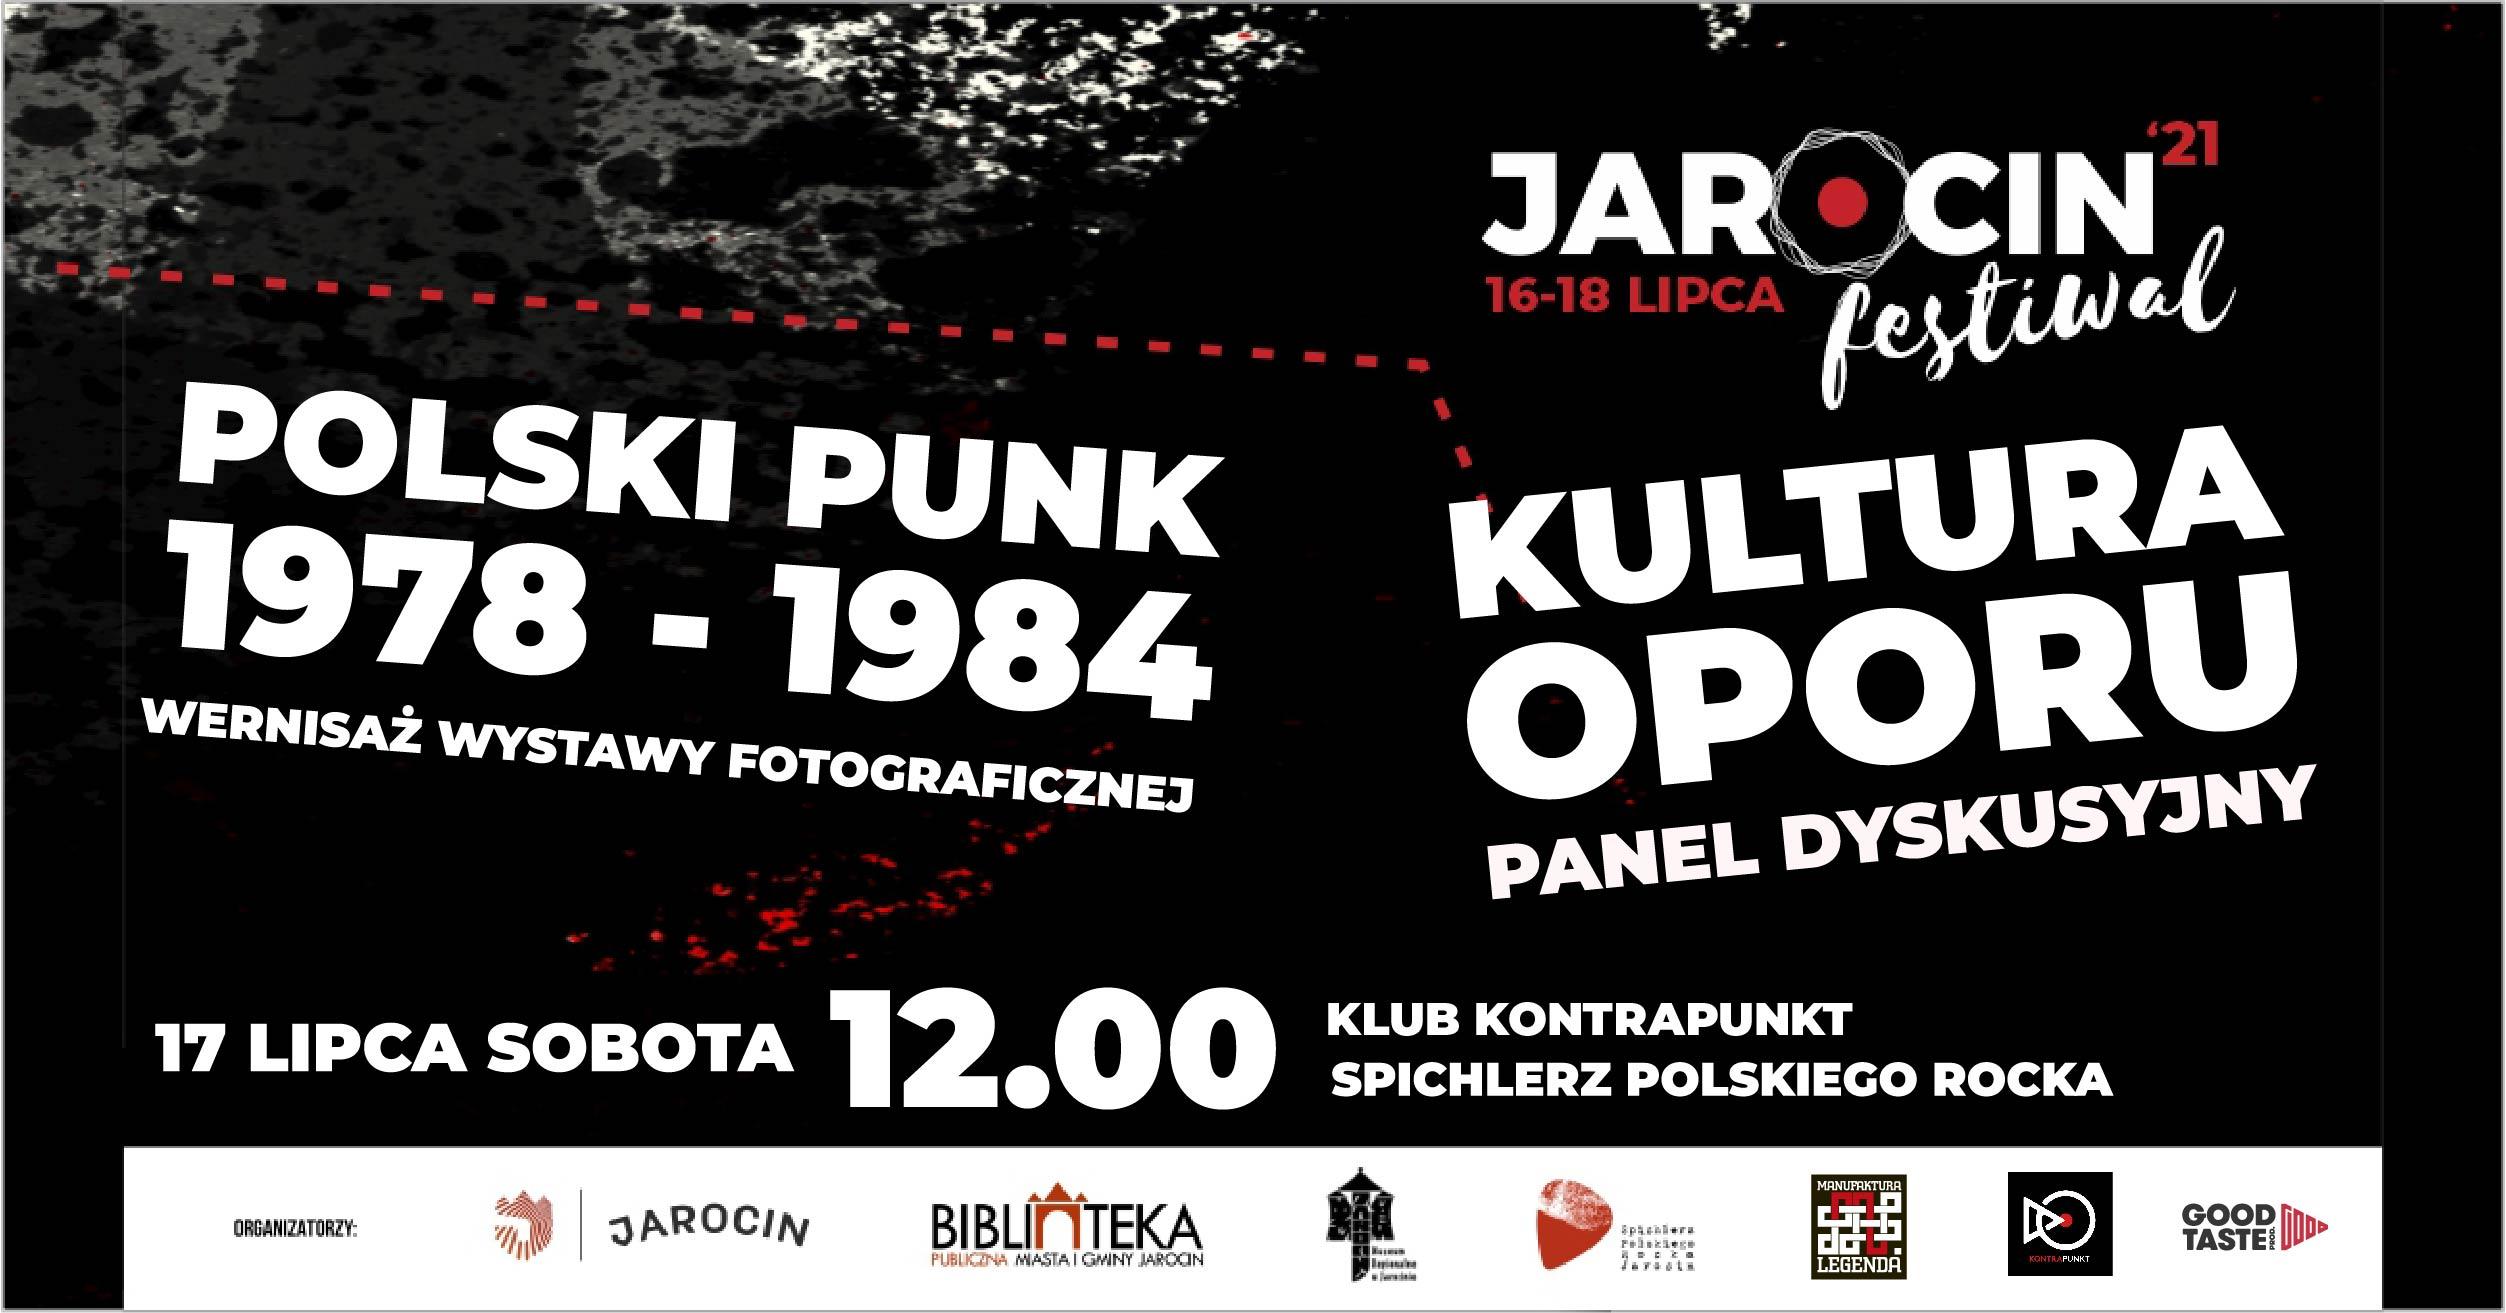 """Jarocin Festiwal 2021 – WERNISAŻ WYSTAWY """"POLSKI PUNK 1978-1984"""" ORAZ PANEL DYSKUSYJNY """"KULTURA OPORU""""  w SPR."""